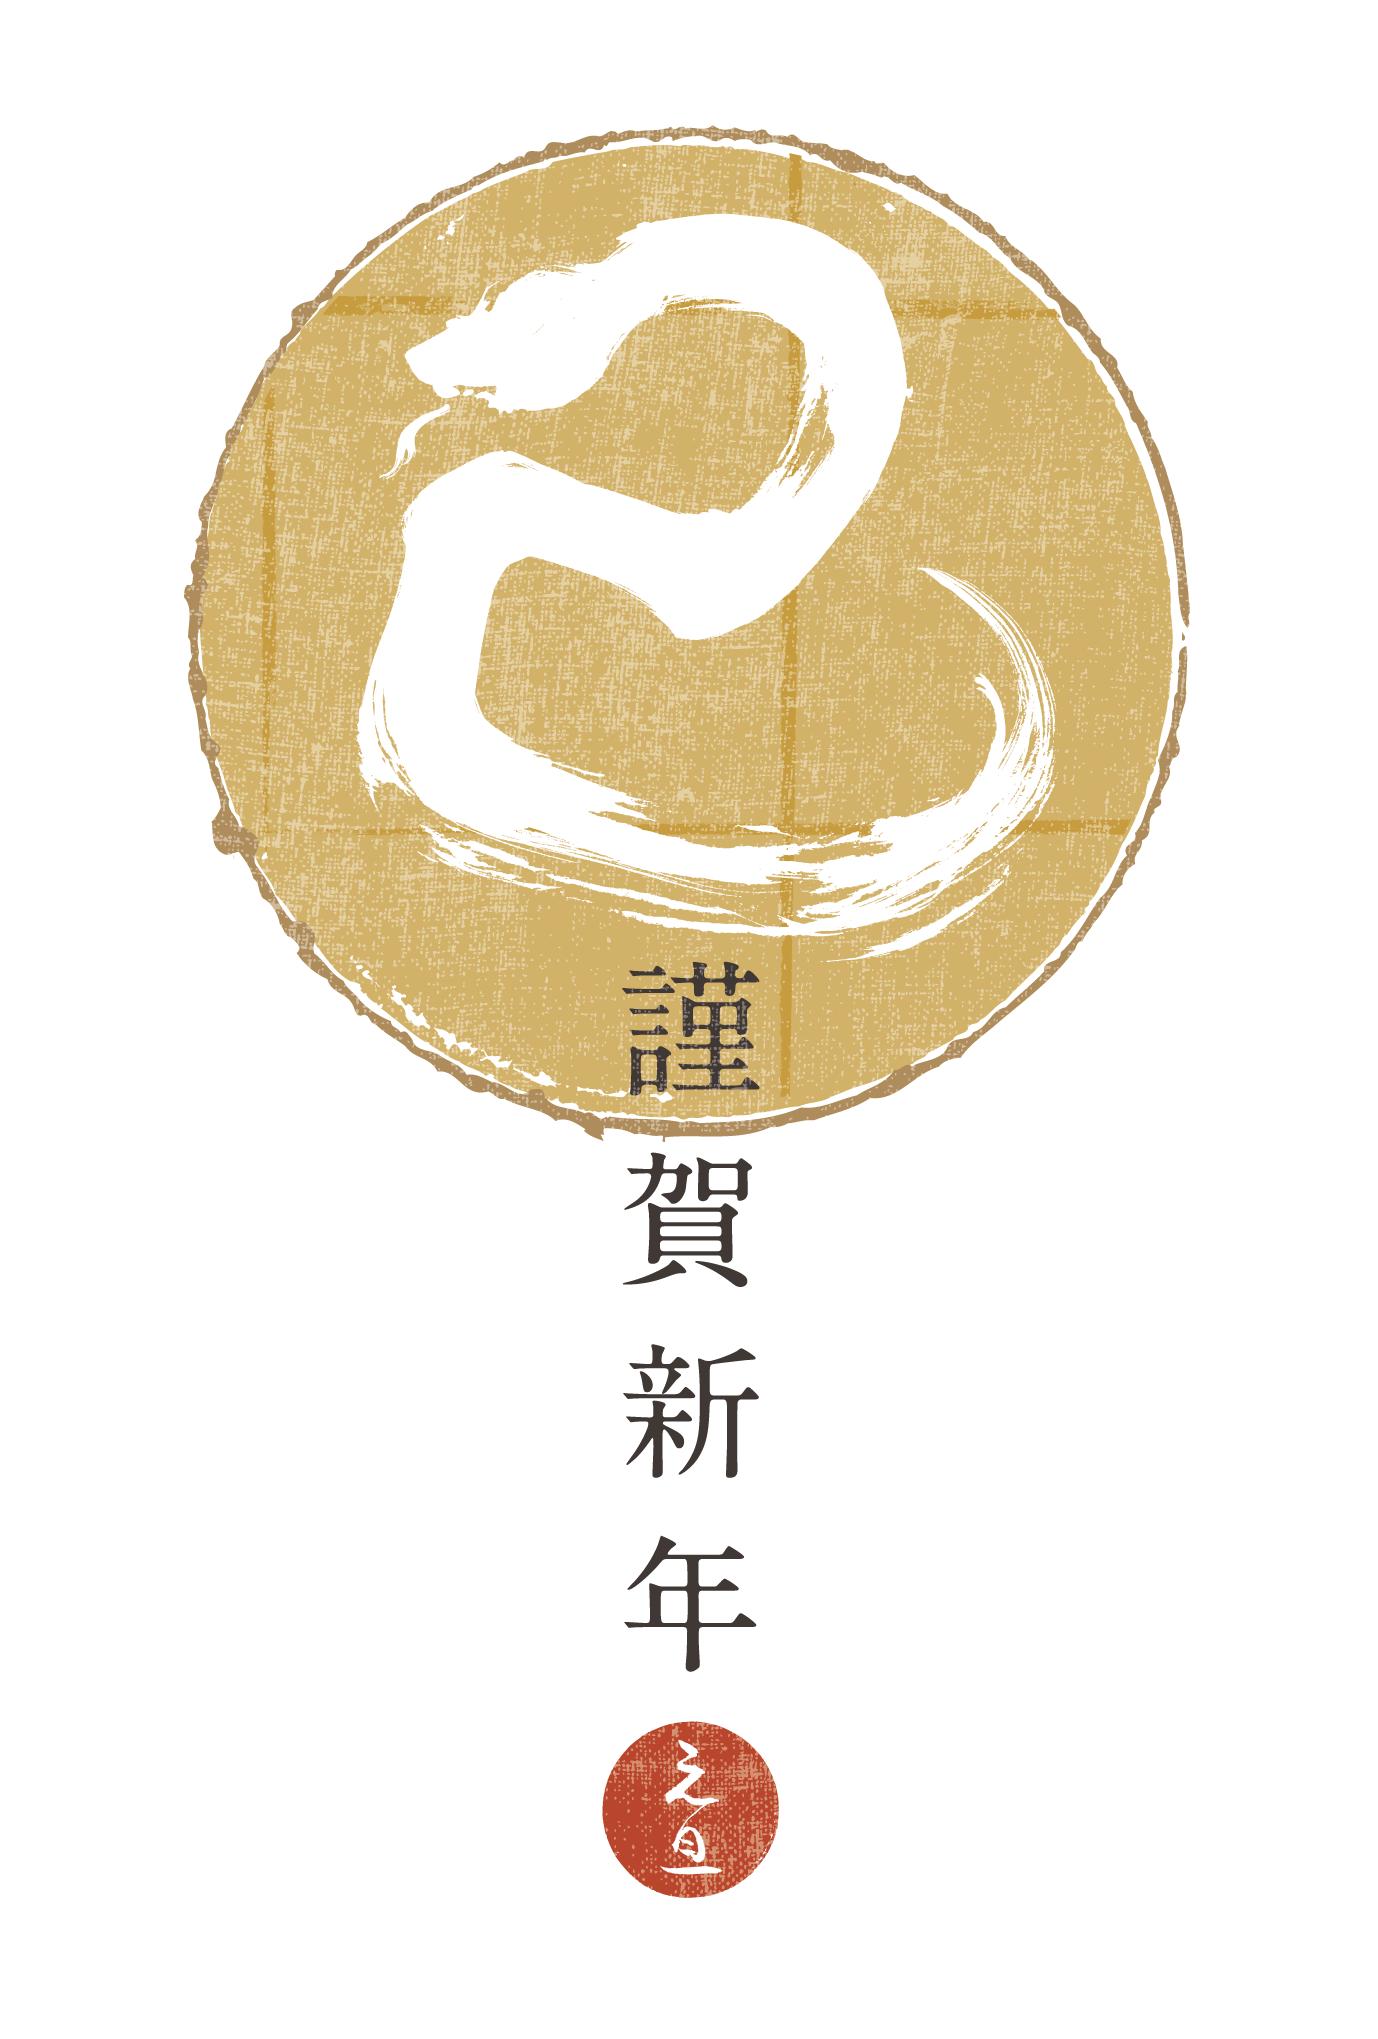 2013年賀状20-2:巳 Calligraphy(謹賀金色丸)のダウンロード画像